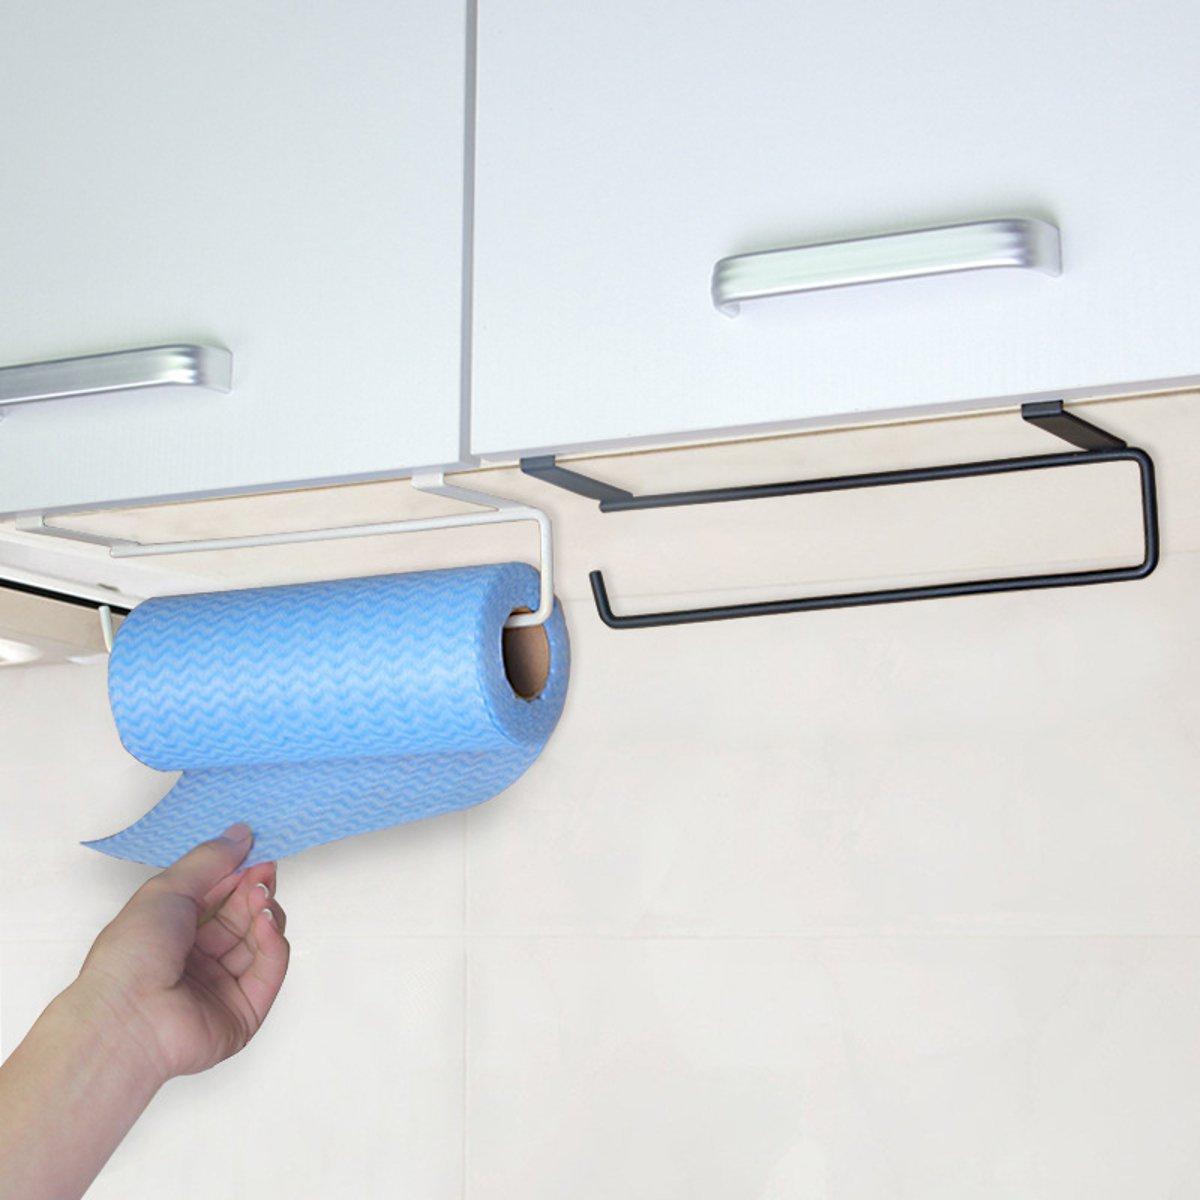 Metal Iron Towel Rack Storage Holder Hanging Kitchen Roll Paper Organizer Tissue Hanger Towel Bar Bathroom Kitchen Hardware